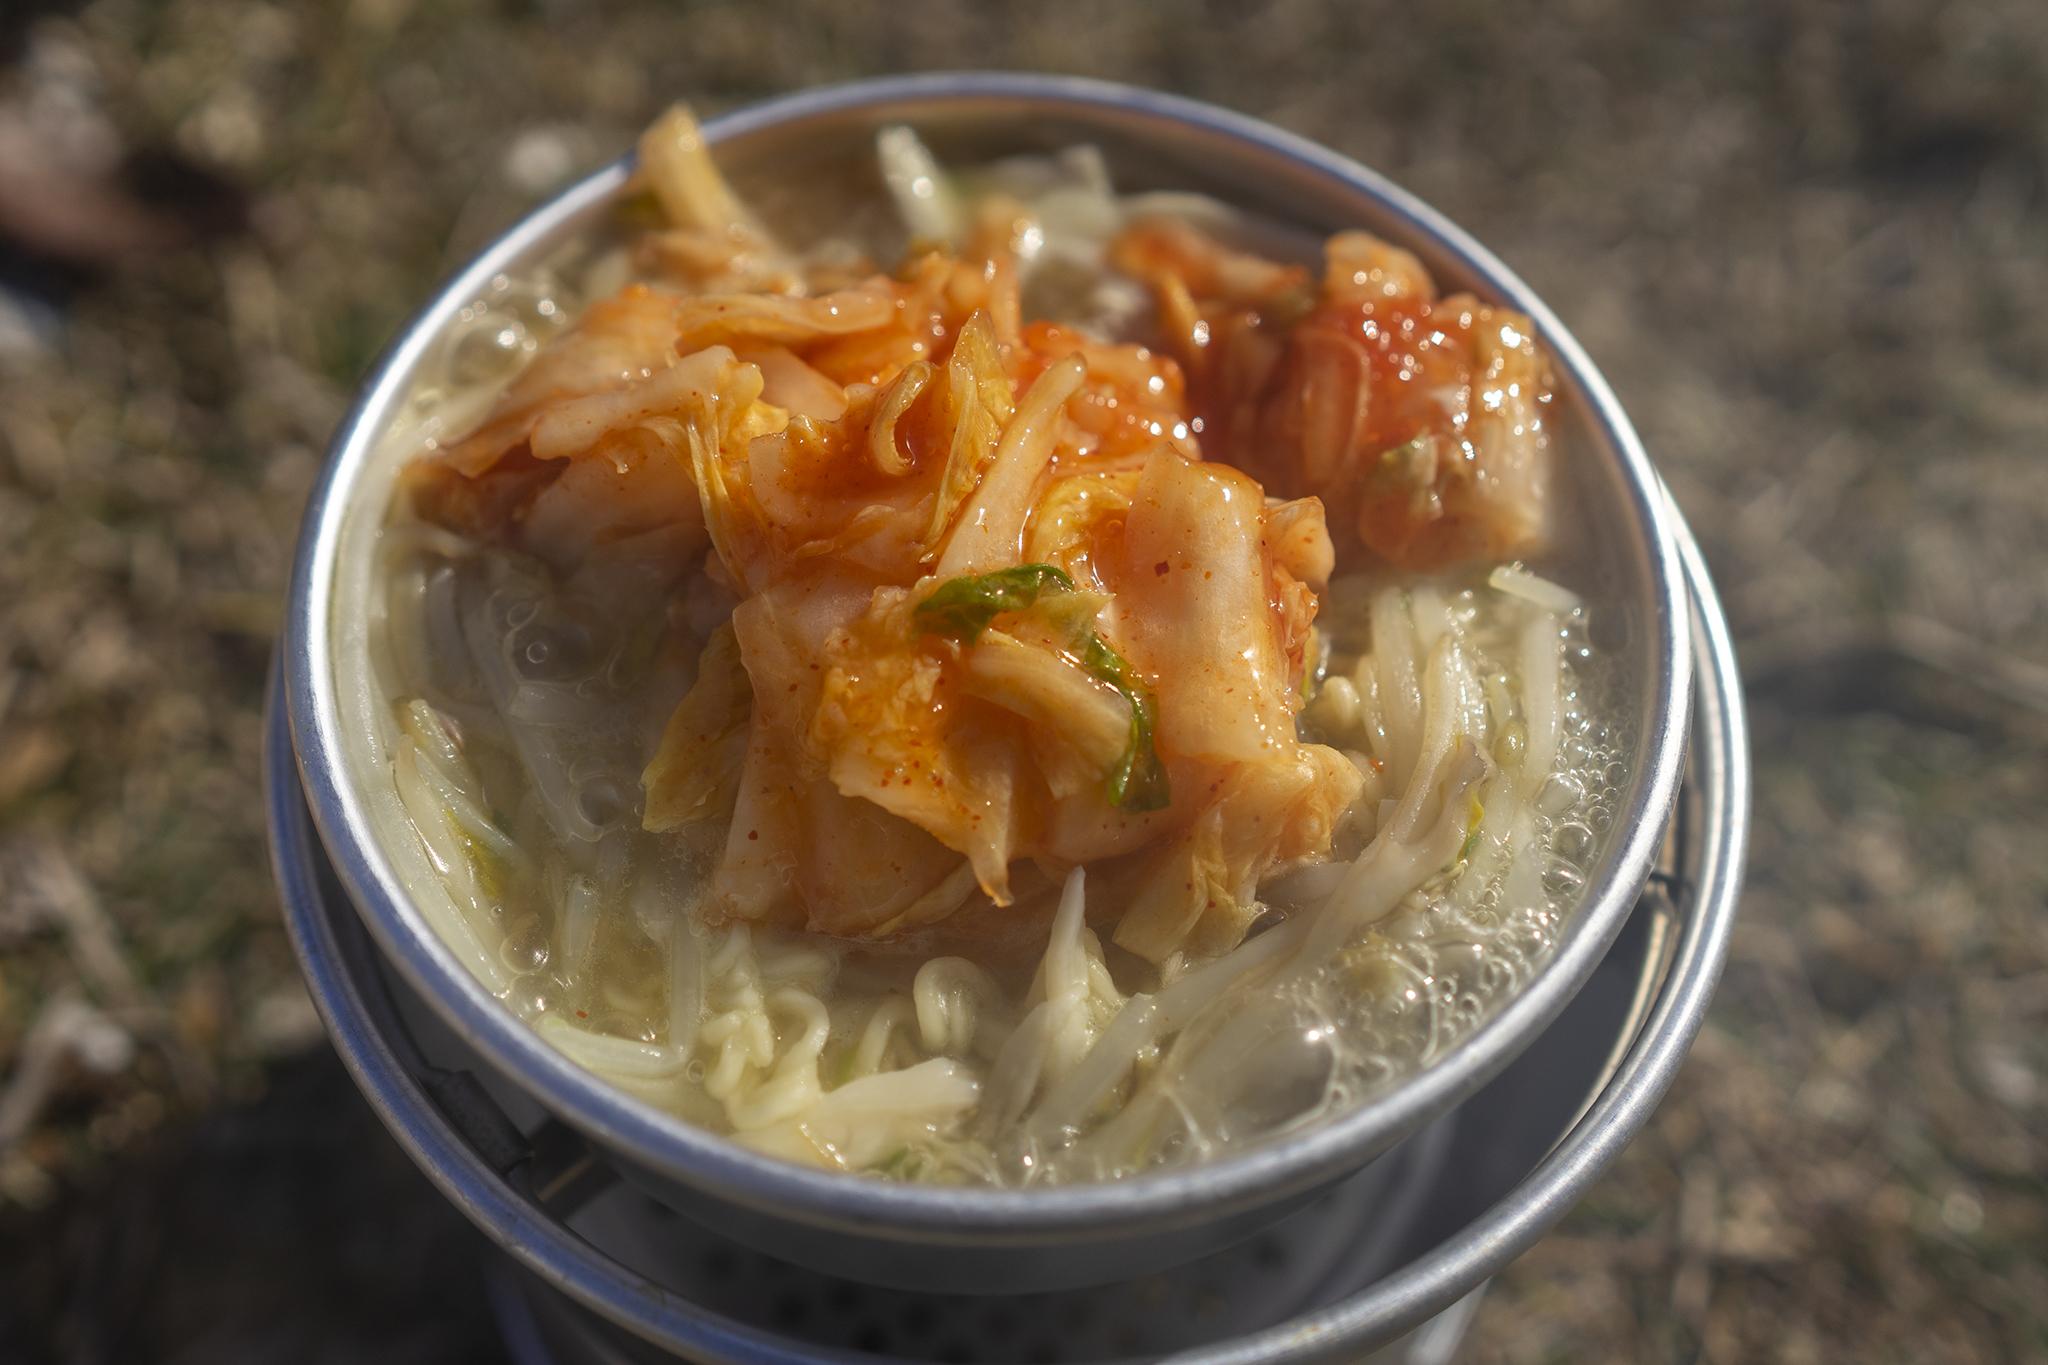 冬のアウトドアで作るインスタントラーメン「キムチ鍋」